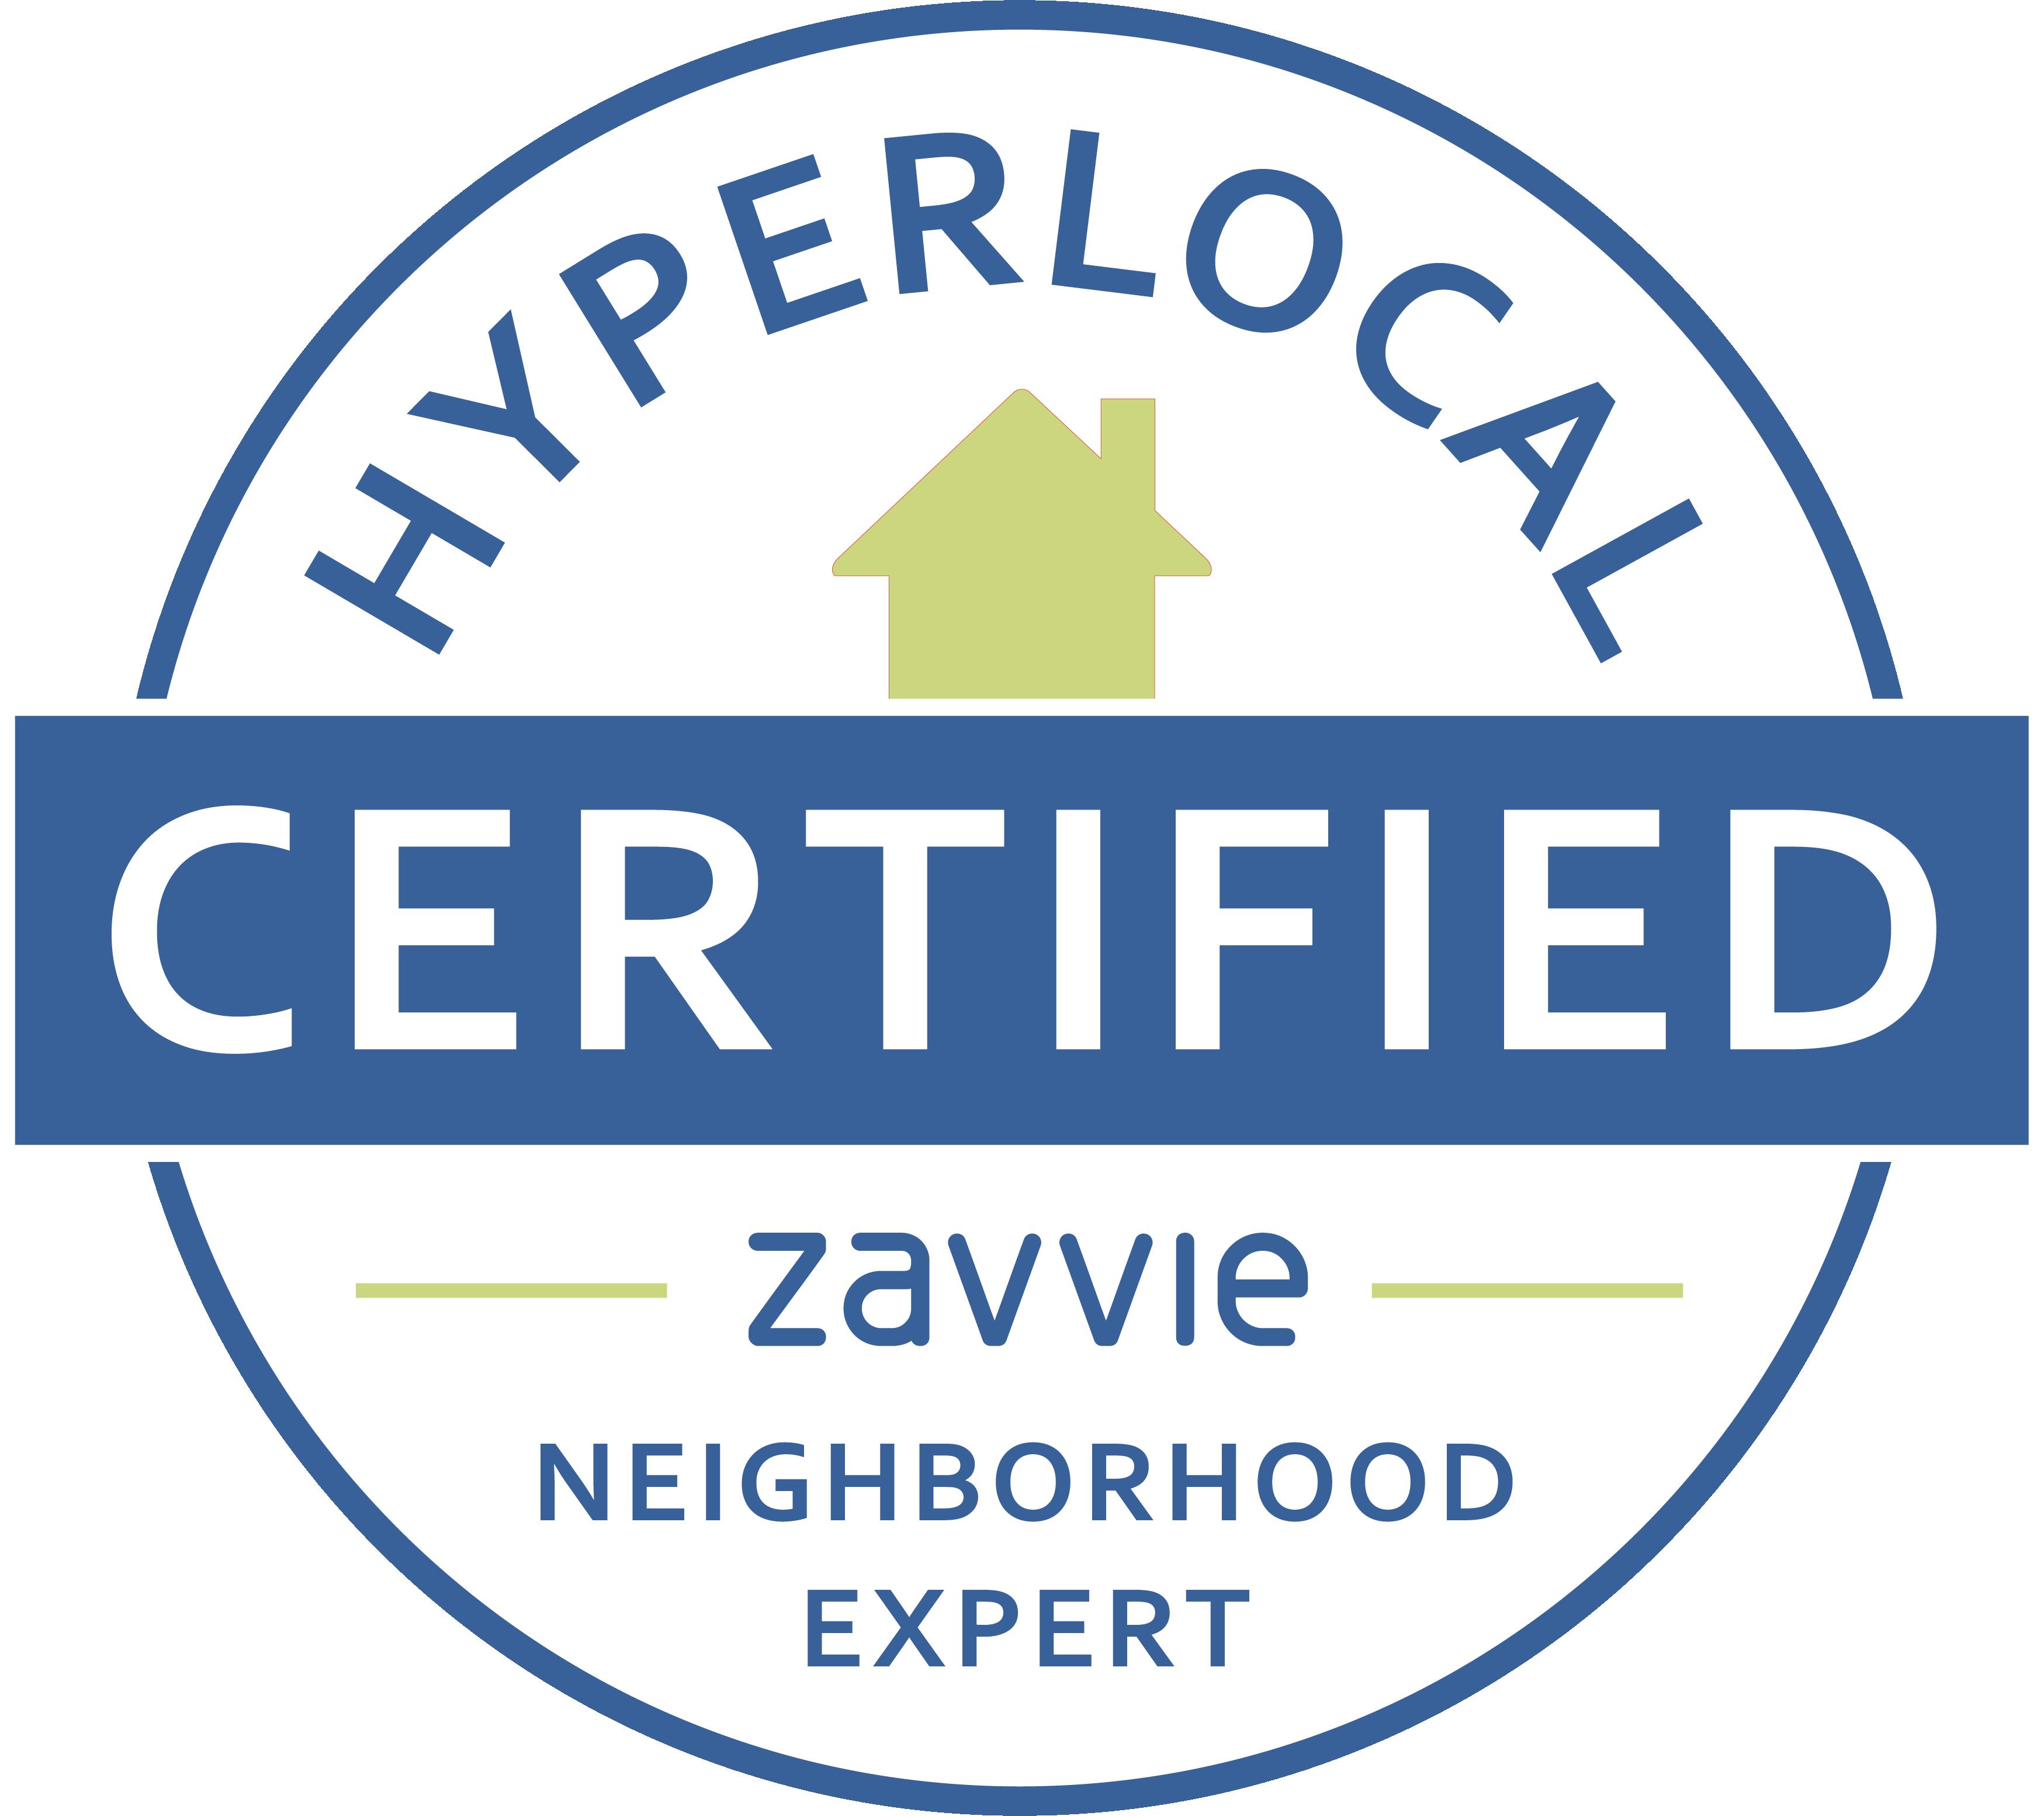 zavvie-Hyperlocal-Certified-Neighborhood-Expert